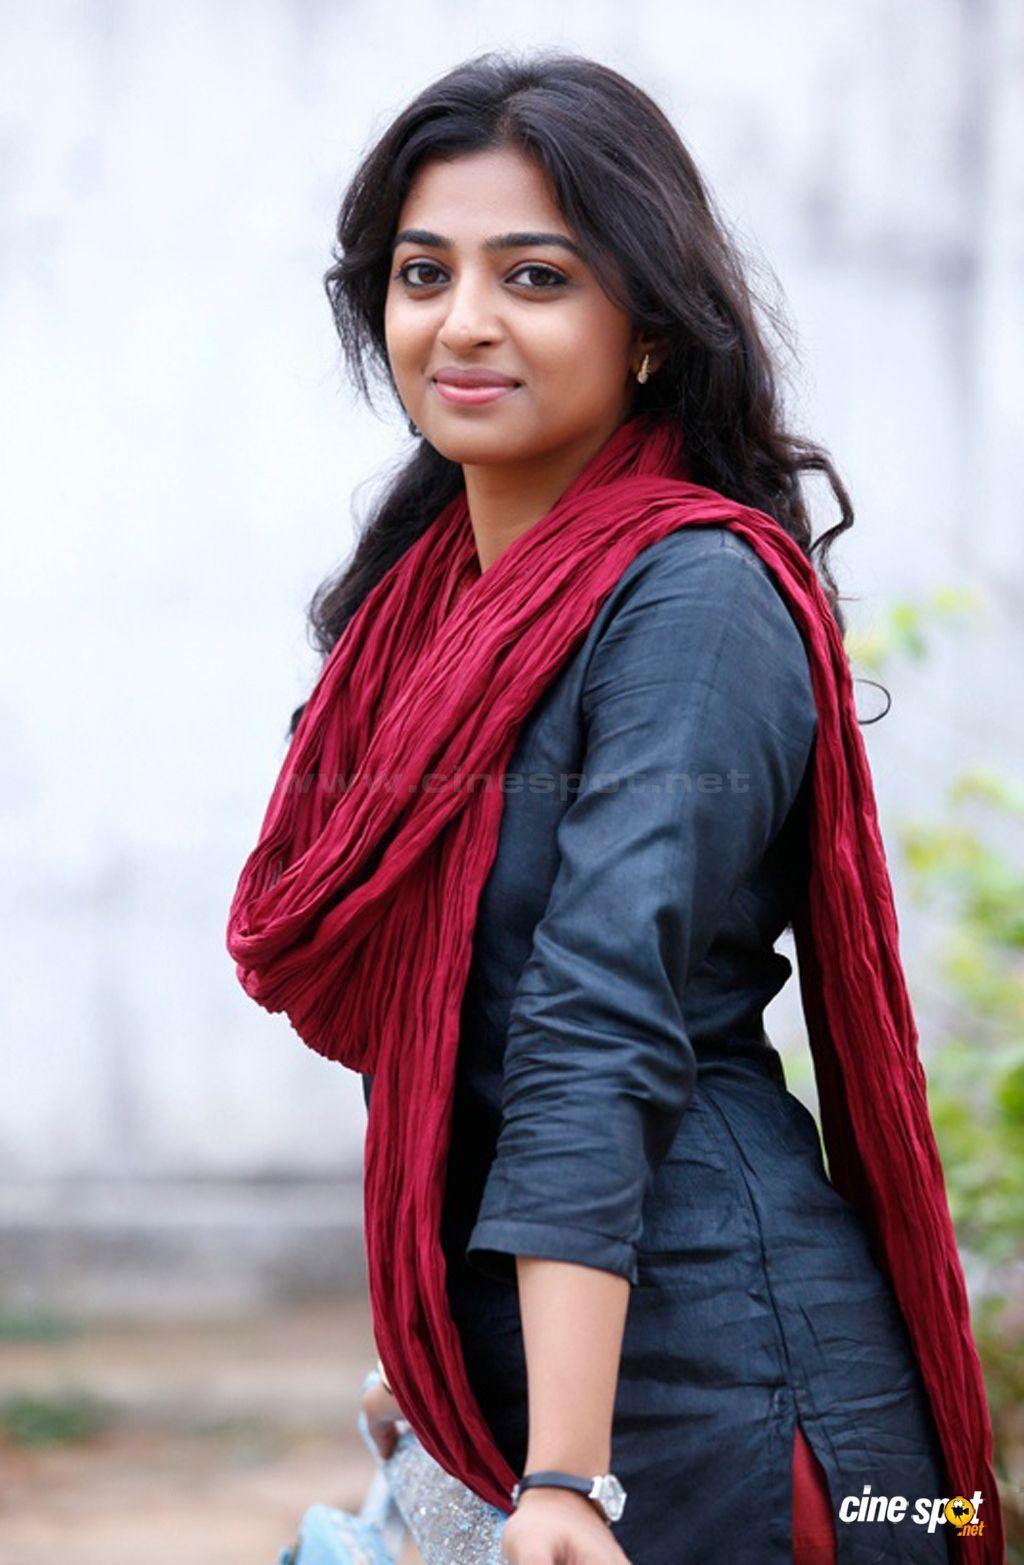 radhika apte twitter